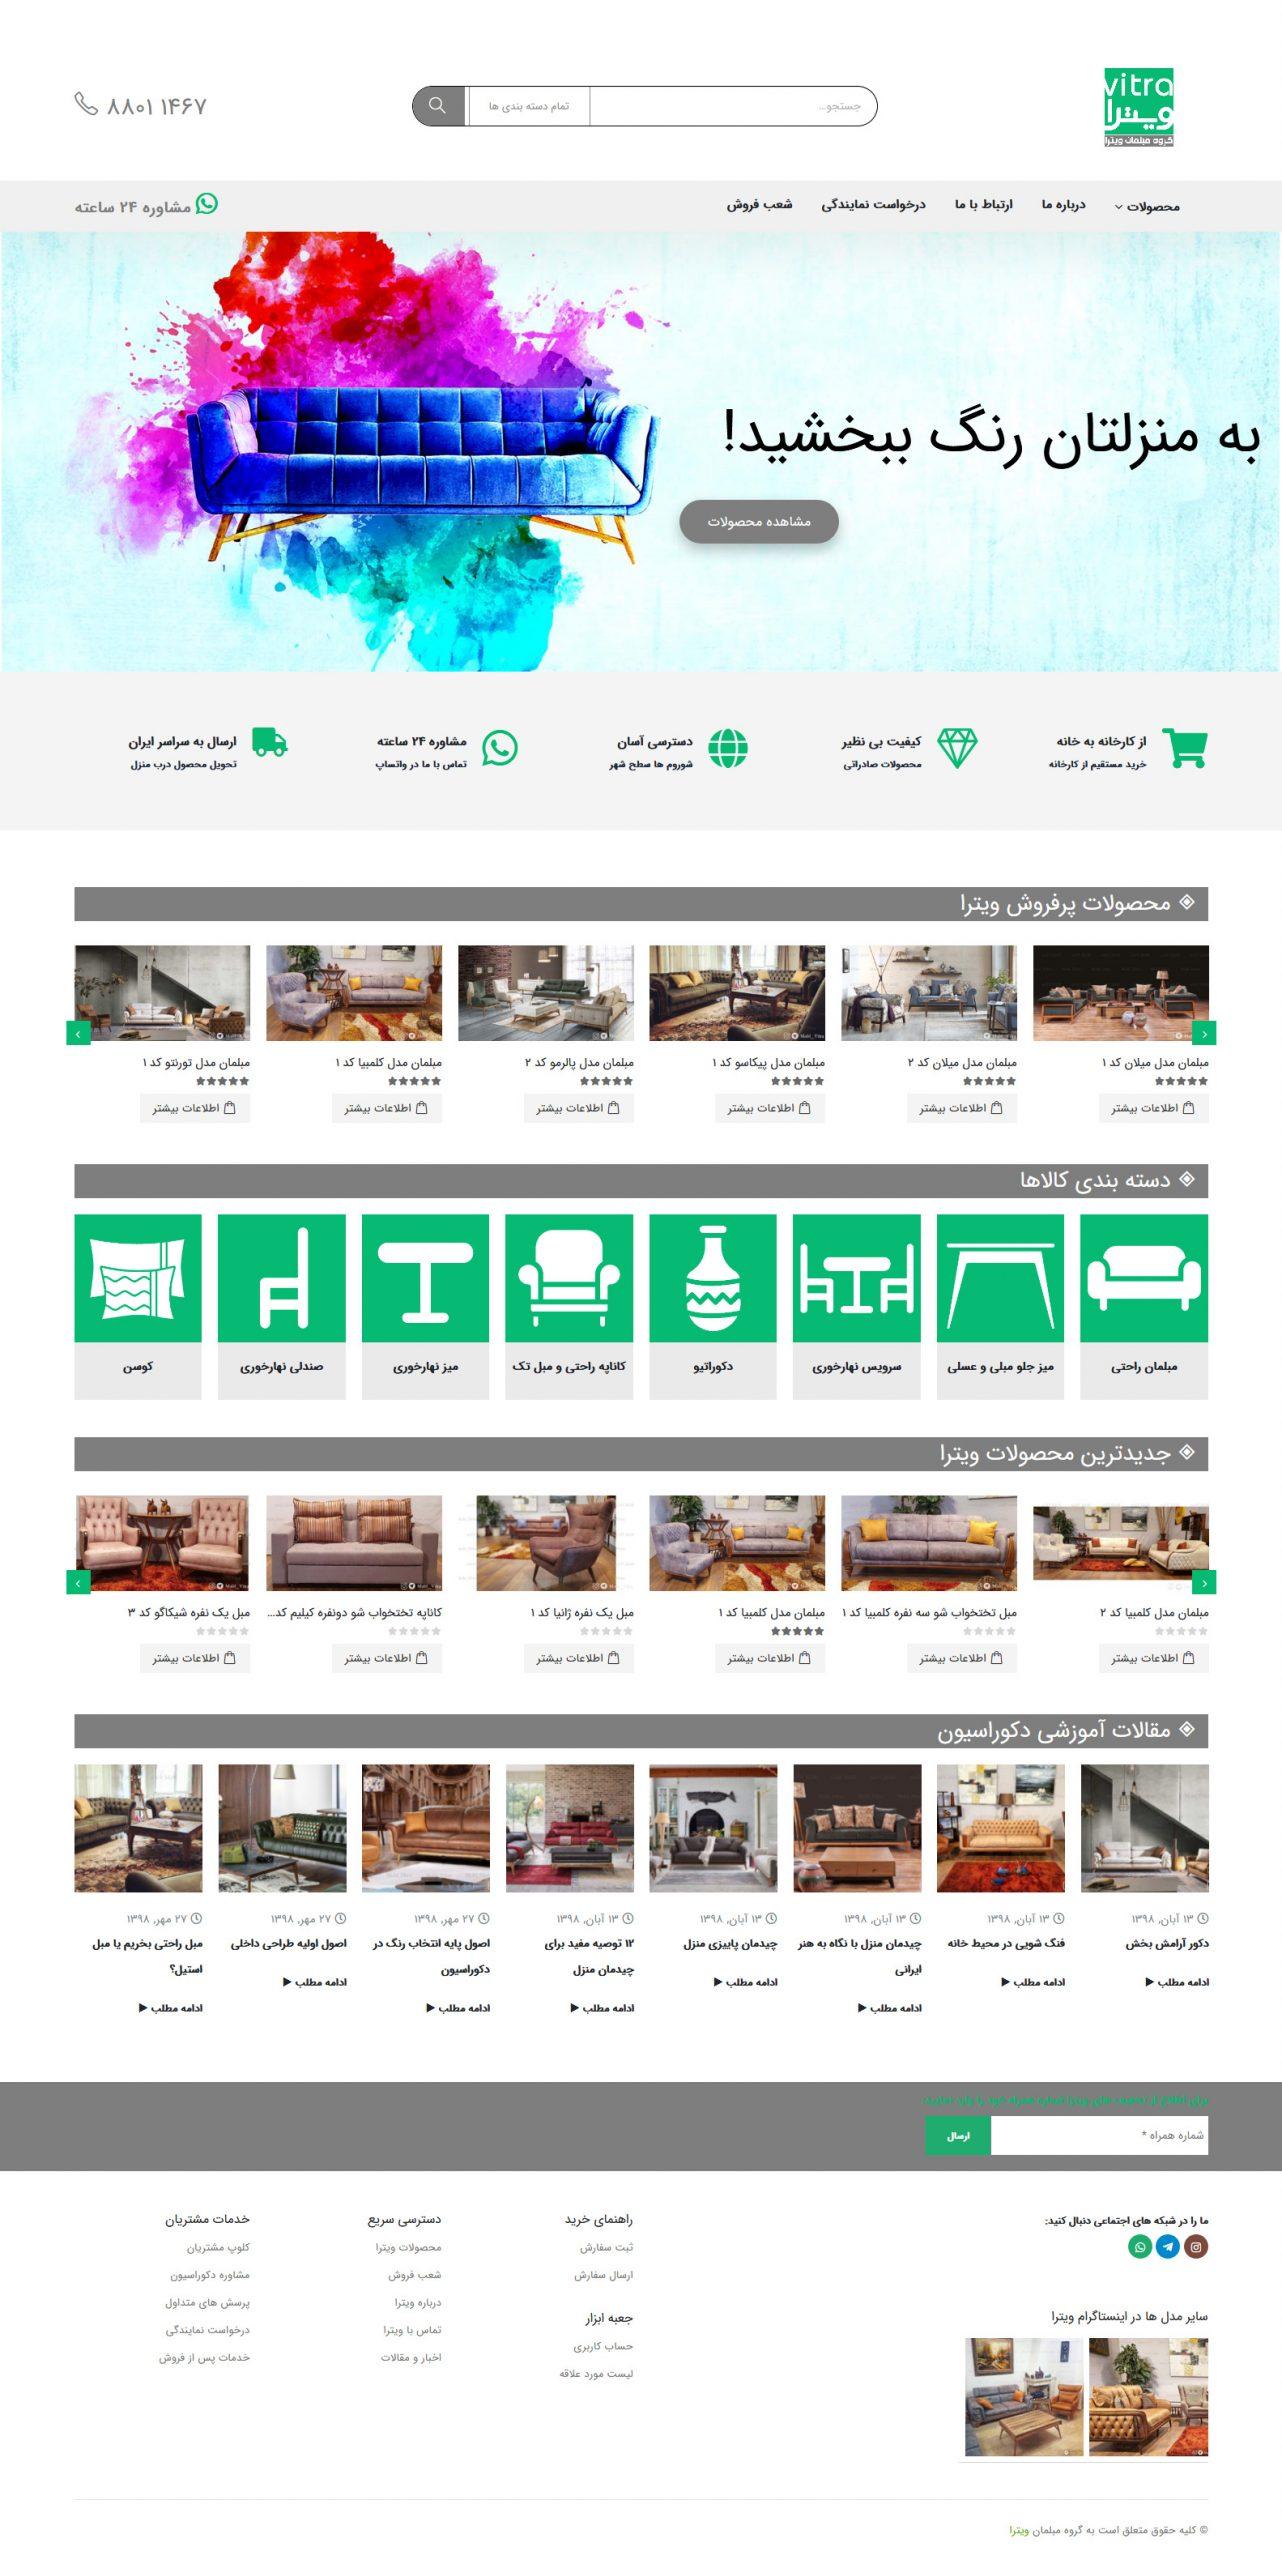 طراحی فروشگاه اینترنتی مبلمان ویترا VitraMobl